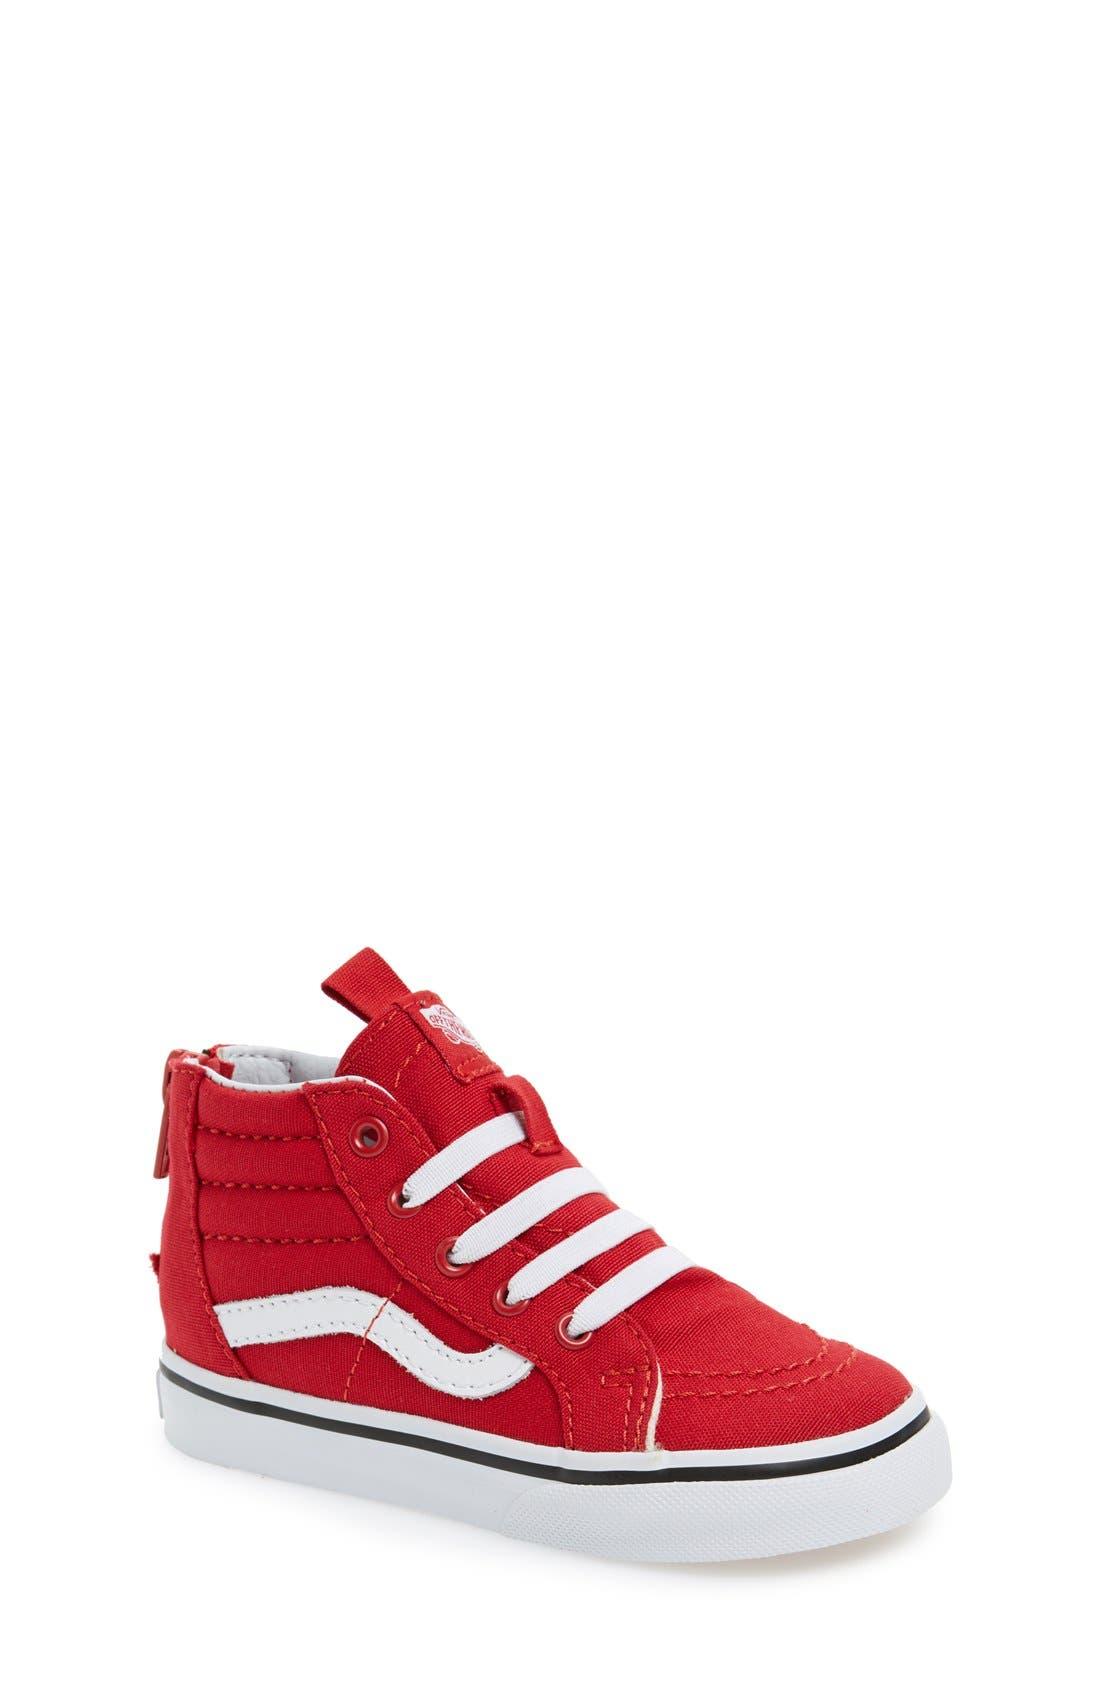 'Sk8-Hi' Zip Sneaker,                             Main thumbnail 1, color,                             Racing Red/True White